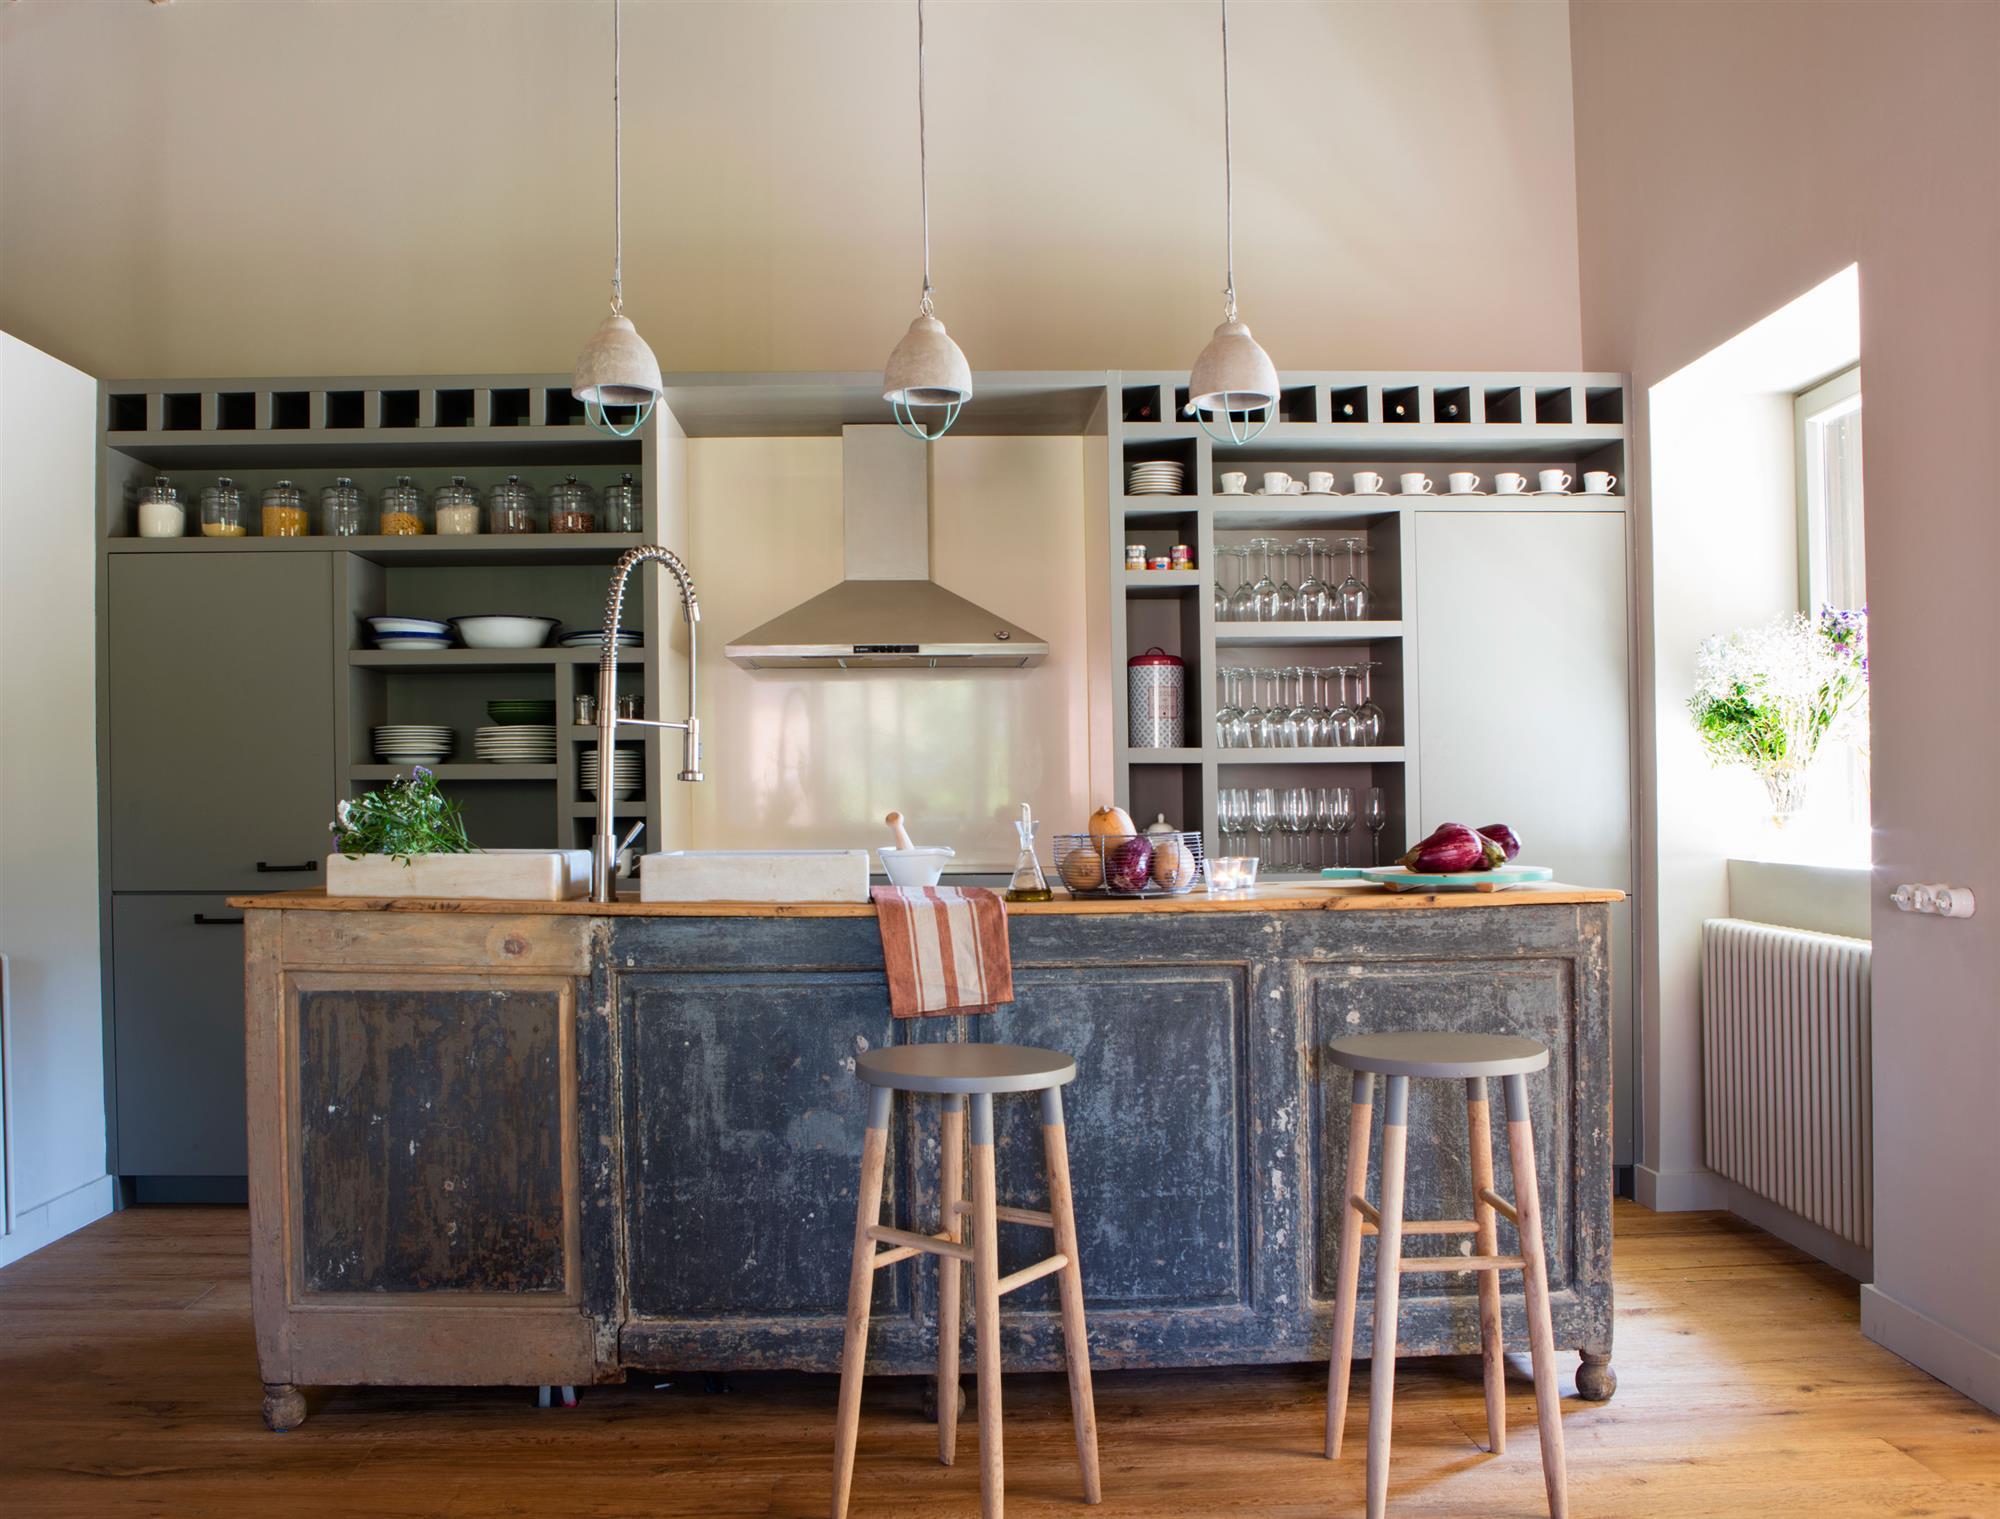 Cocinas muebles decoraci n dise o blancas o peque as for Cocina con muebles antiguos